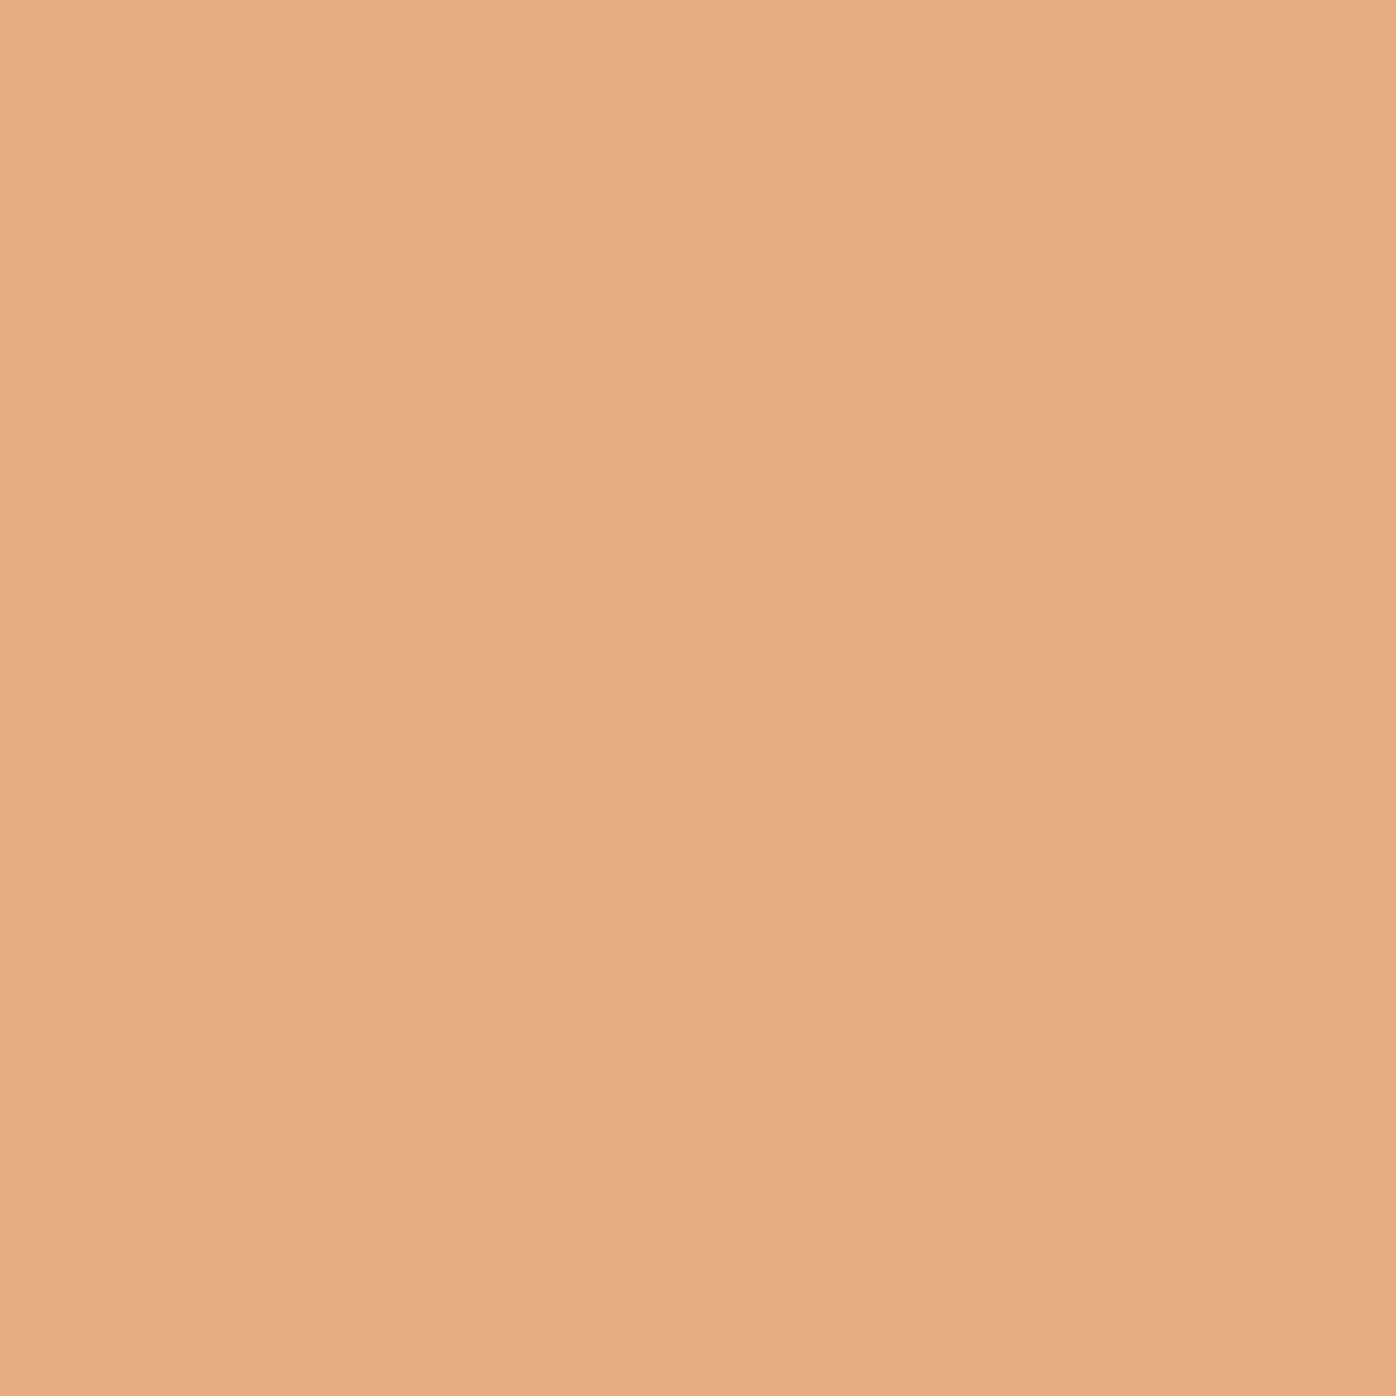 衛星経度優先SANMIMORE(サンミモレ化粧品) UVパクト 51号アイボリー (レフィル 替パフ付)